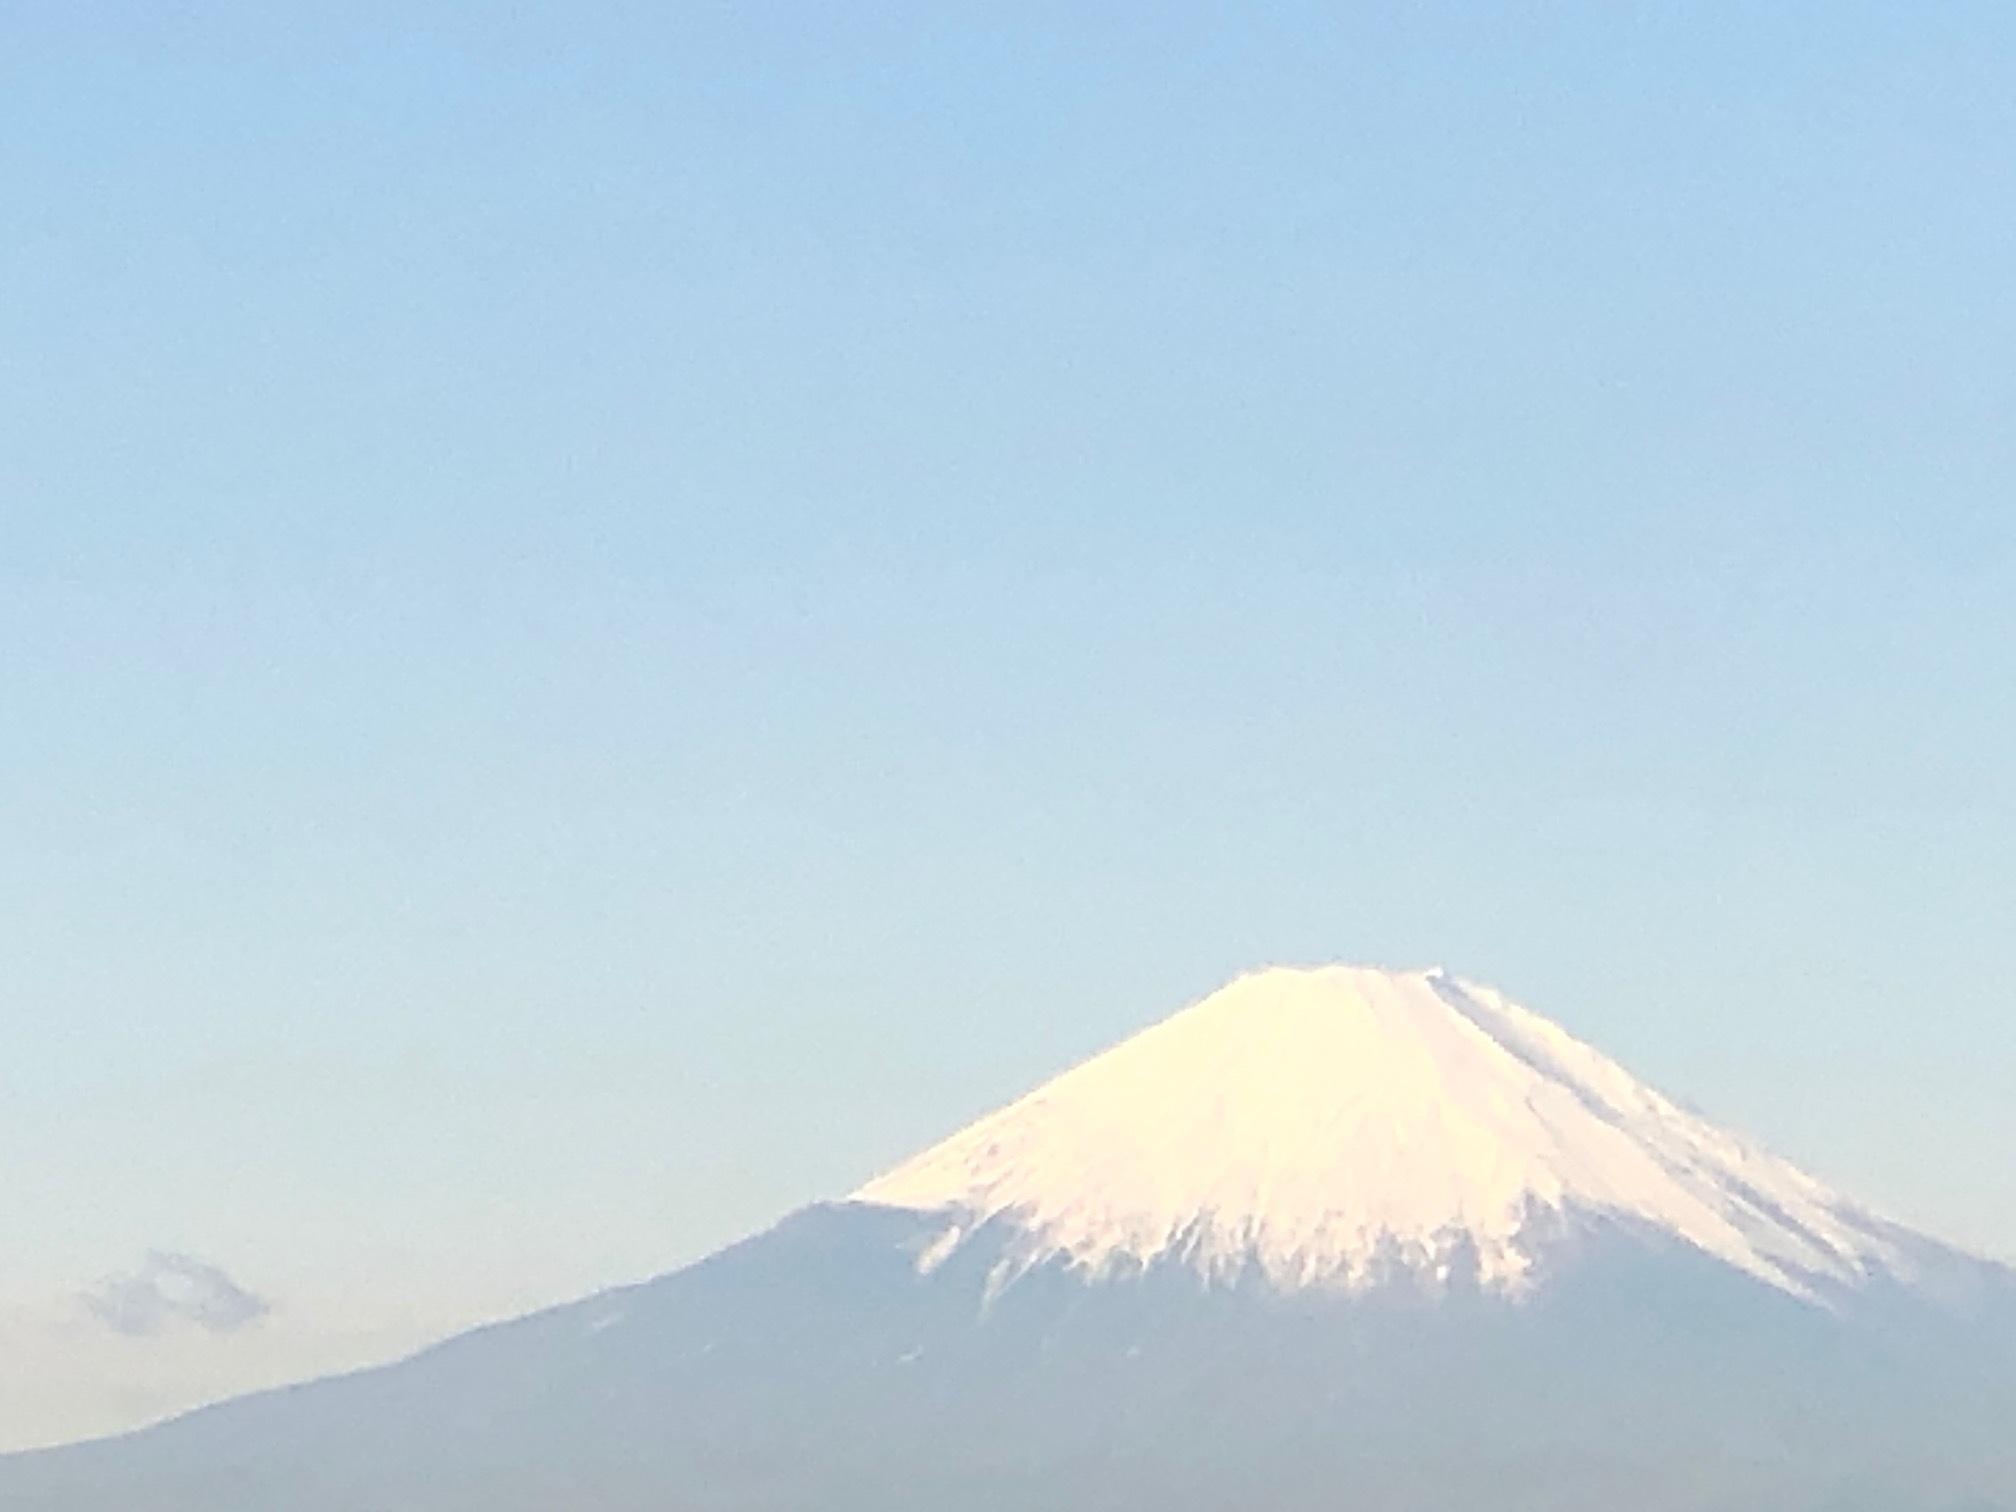 良い天気だ・・・・雪富士とジョイア畑_c0222448_12583835.jpg